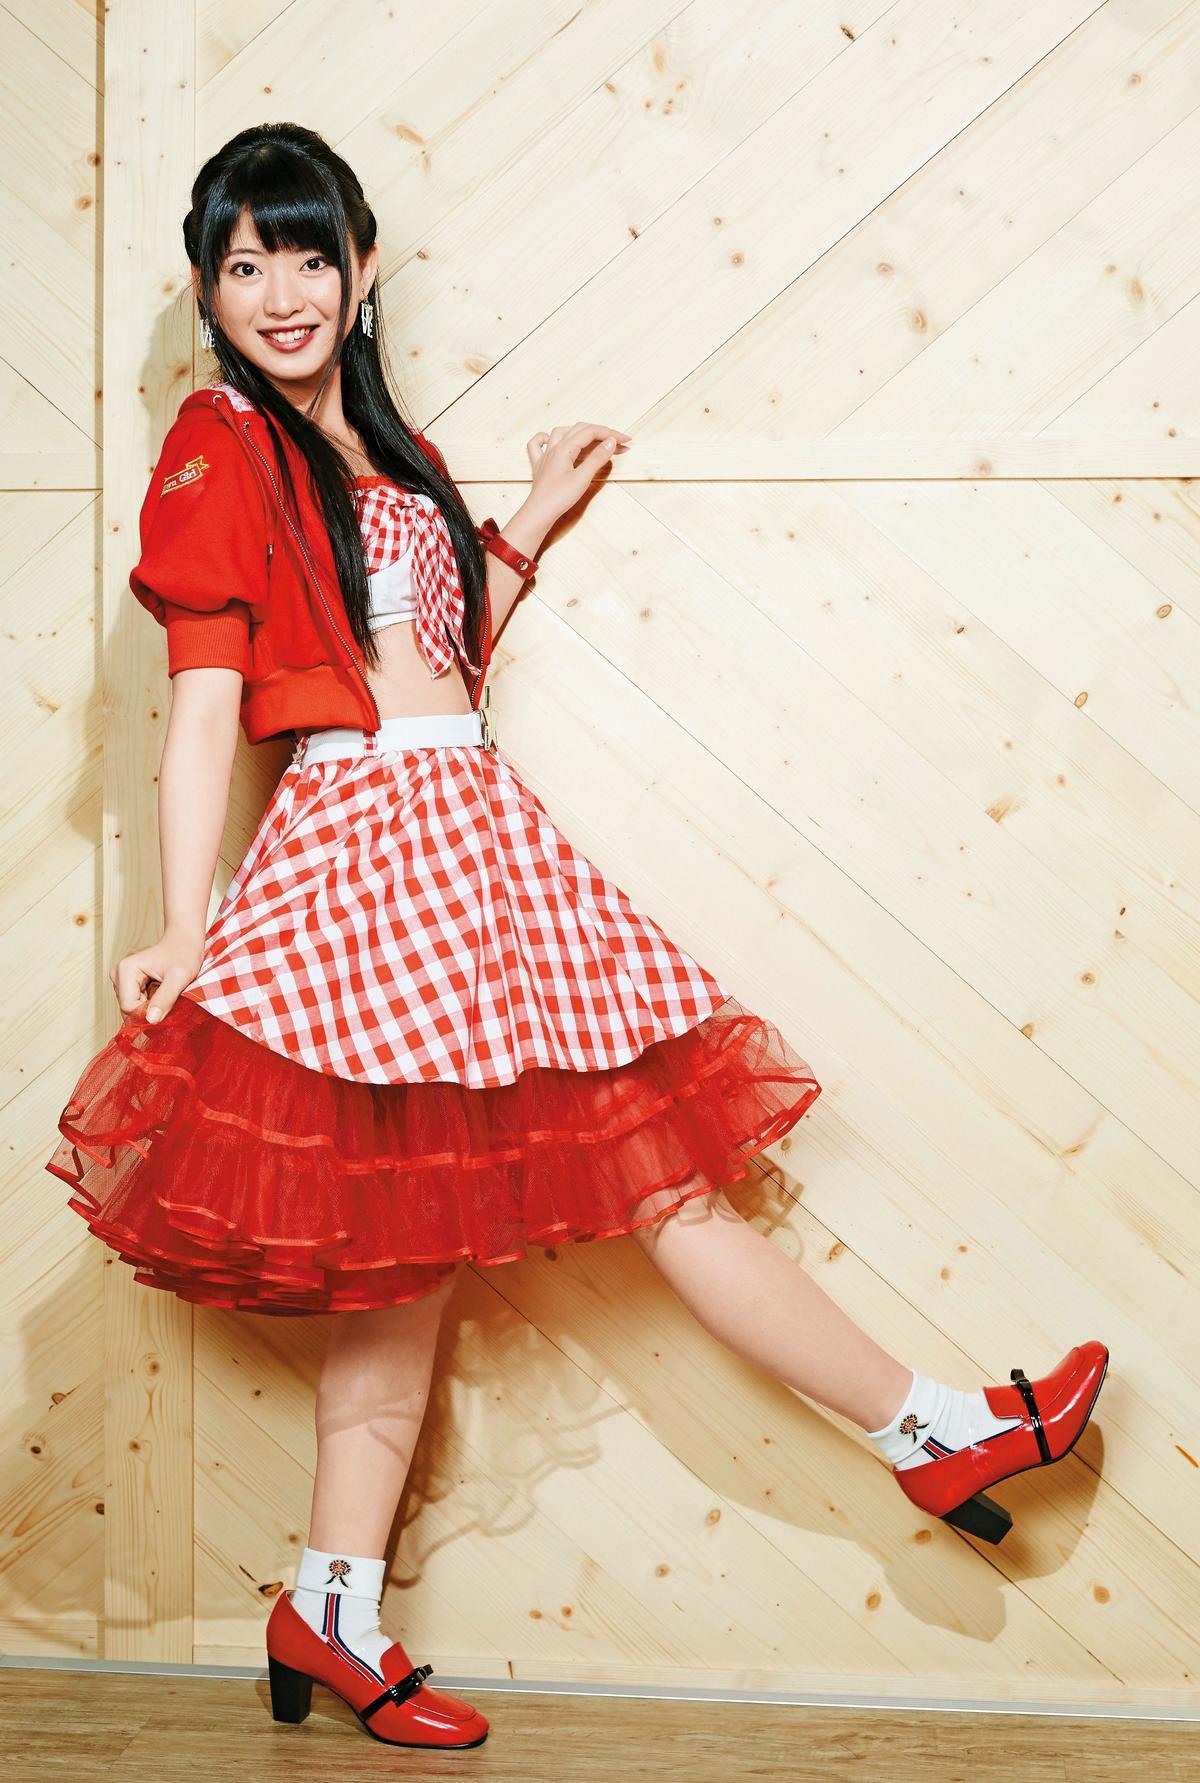 抱著想在日本出道的熱情,馬嘉伶主動報名AKB48徵選,幸運地成為首位非日本人的AKB外籍成員。